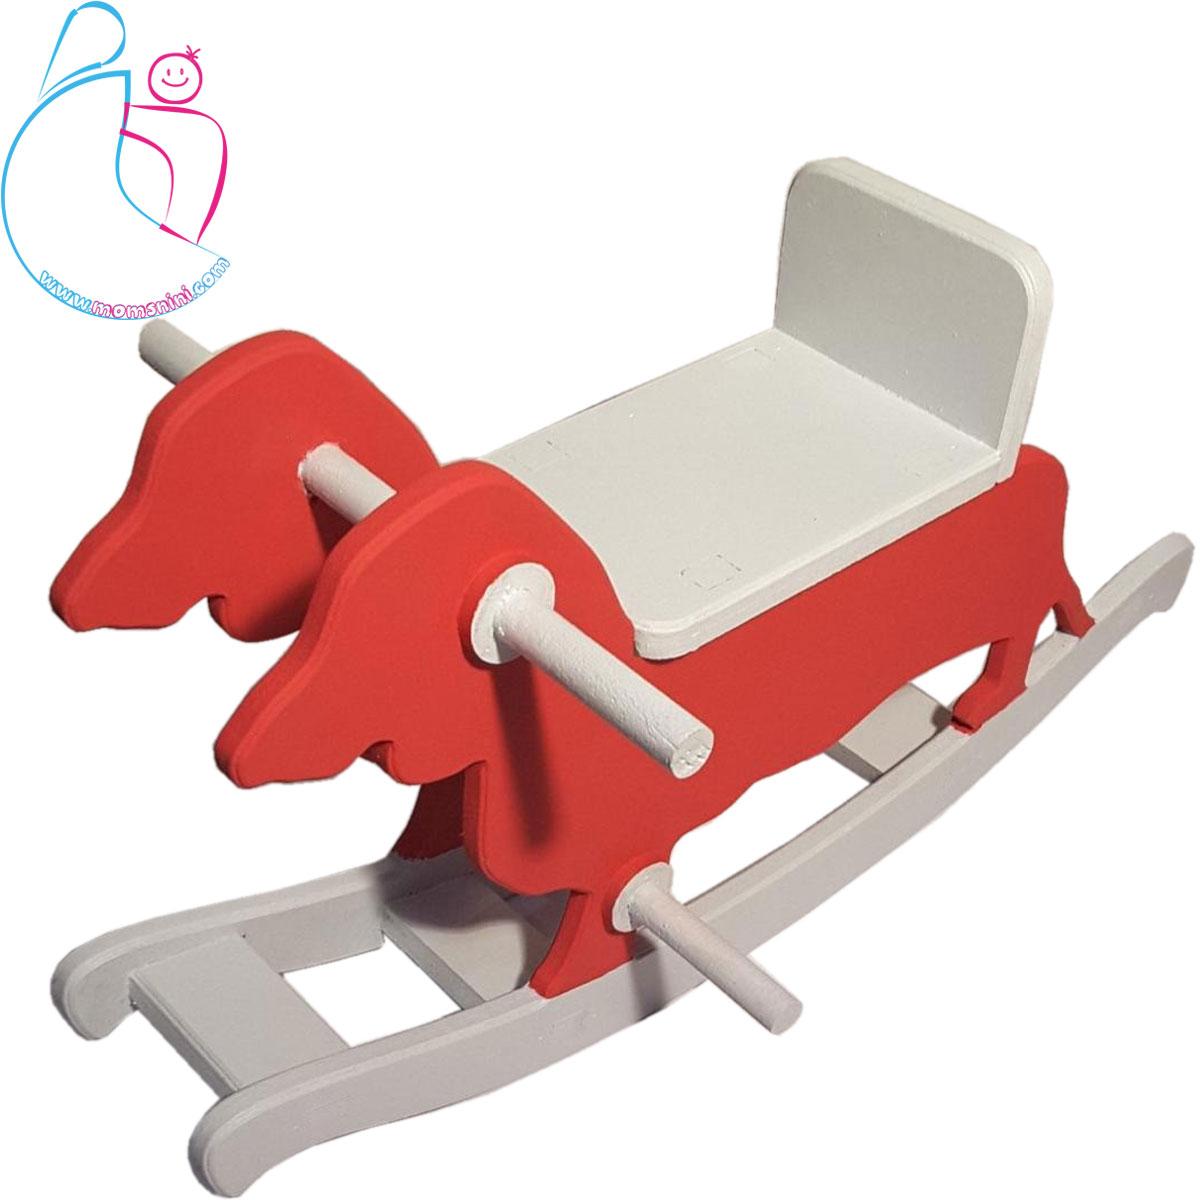 راکر چوبی پارمیس طرح سگ